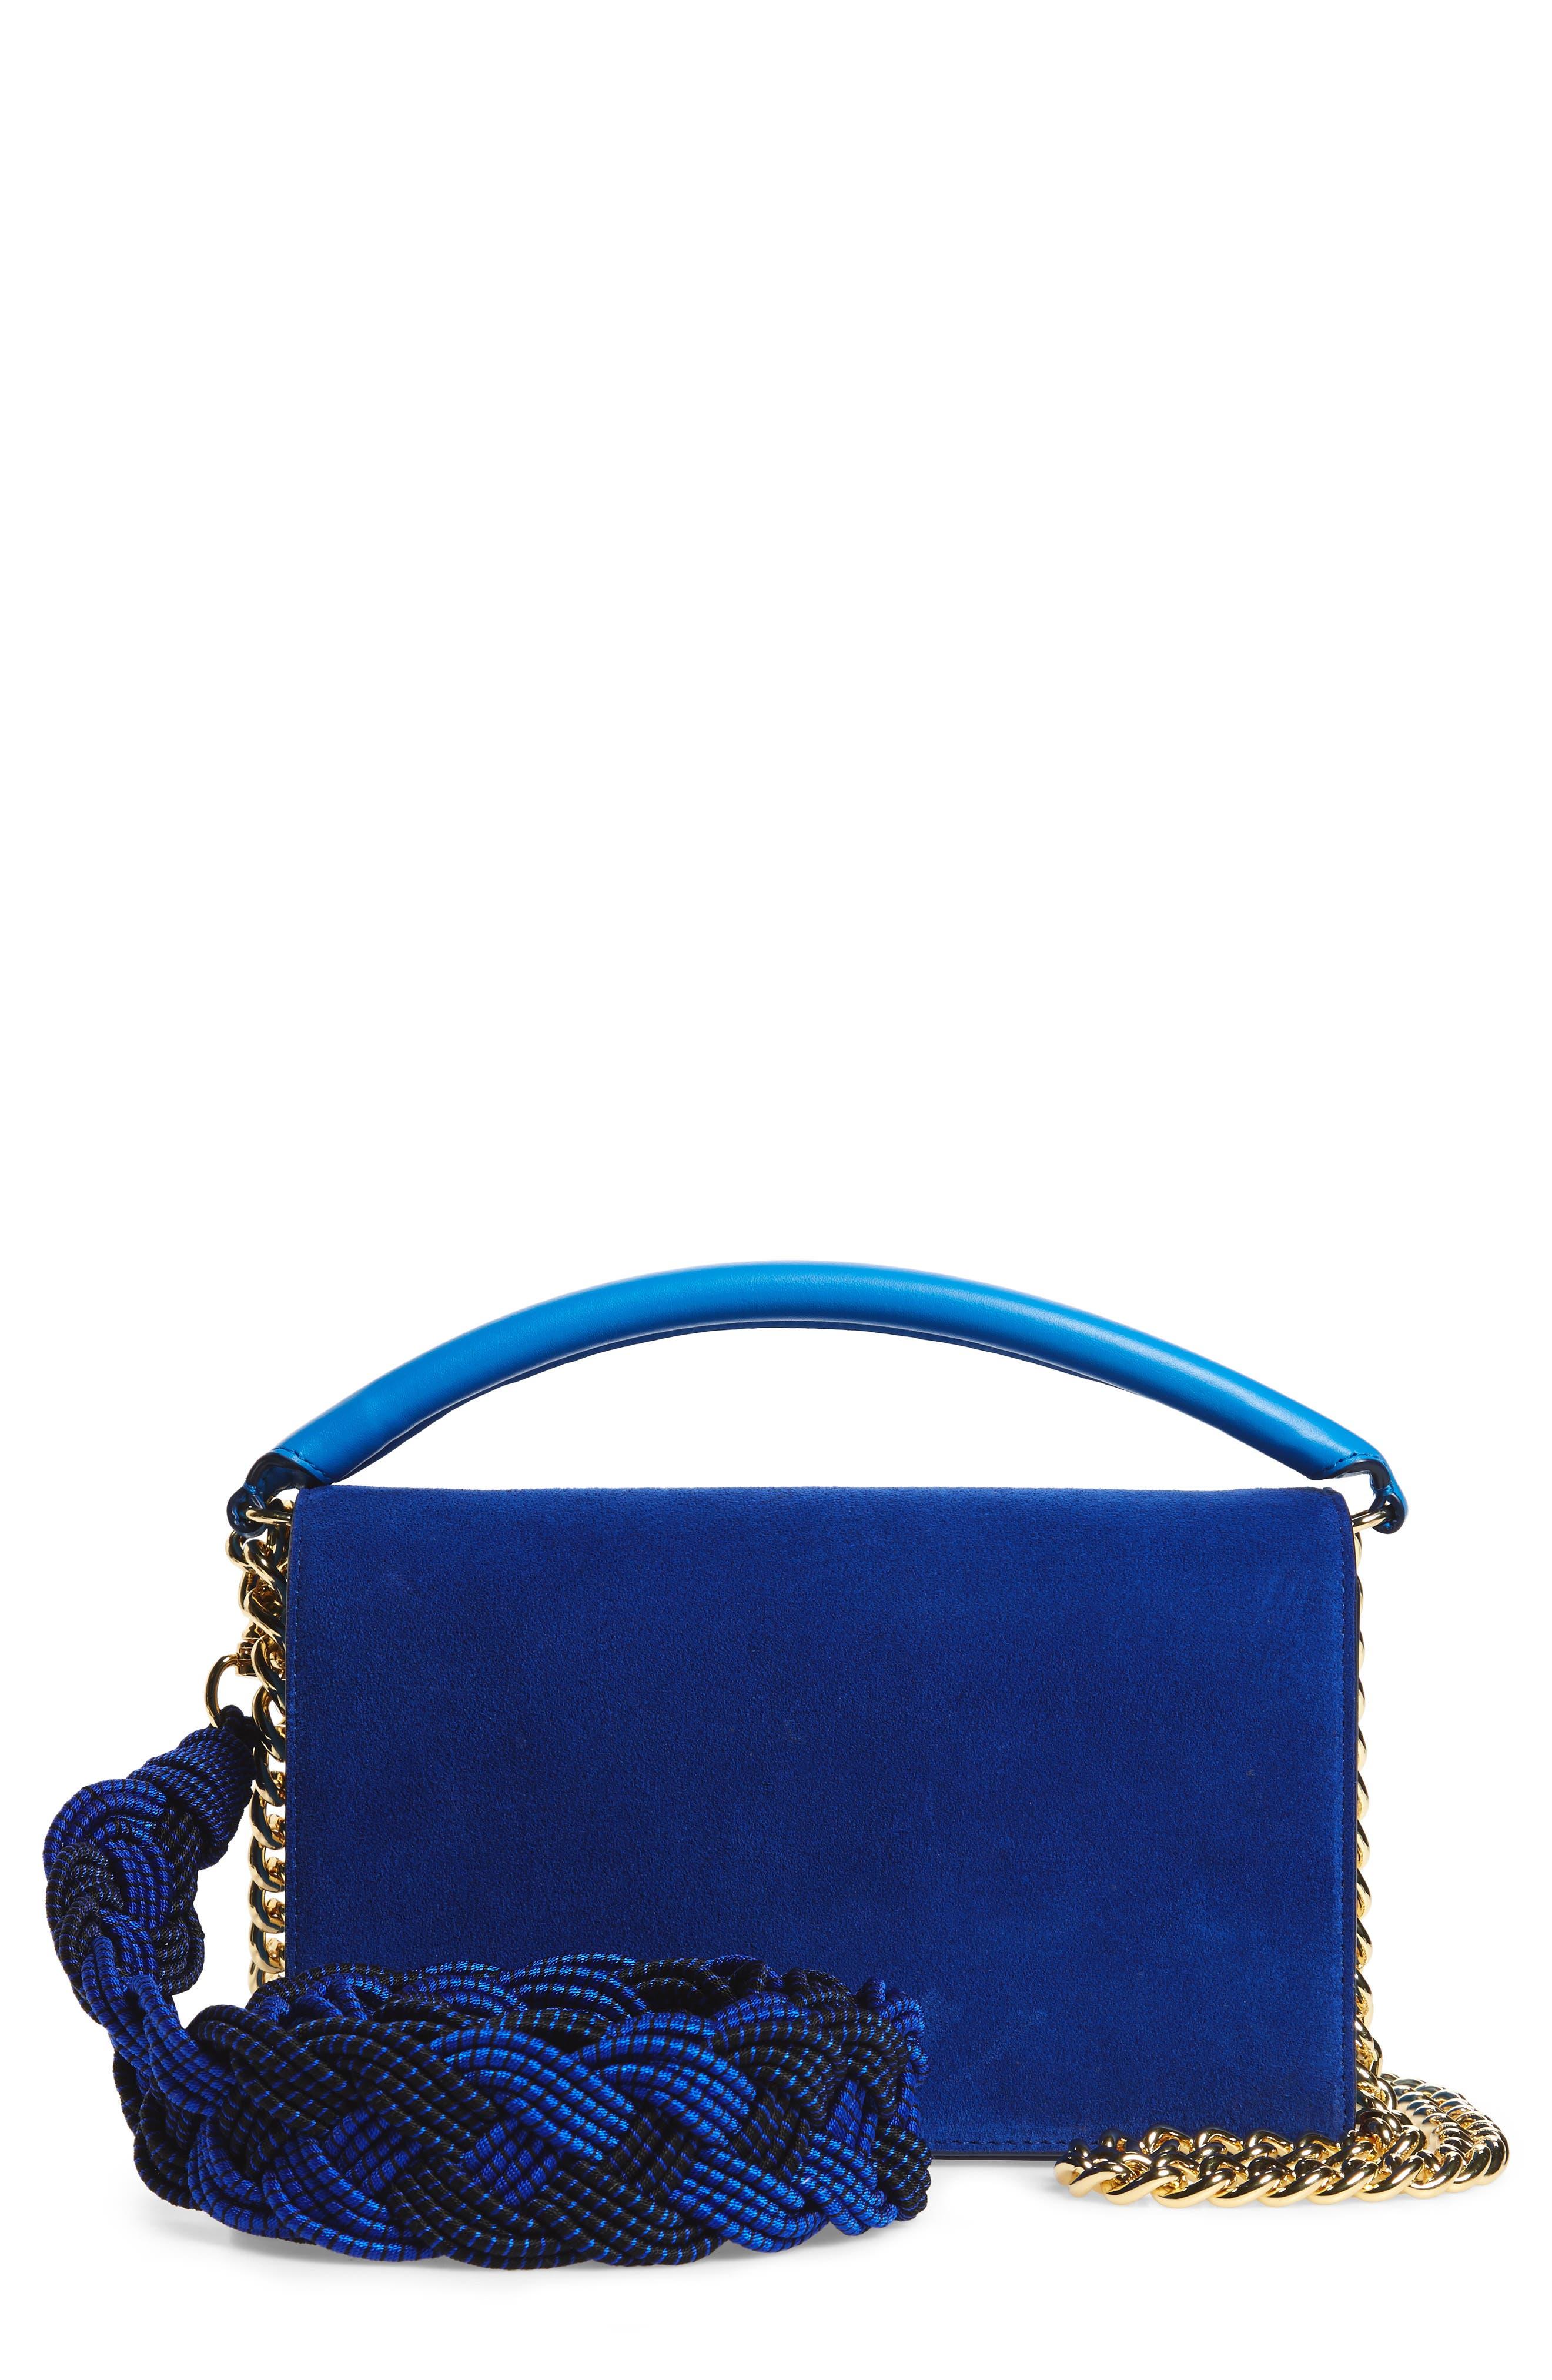 Bonne Soirée Leather & Suede Top Handle Bag,                         Main,                         color, 400